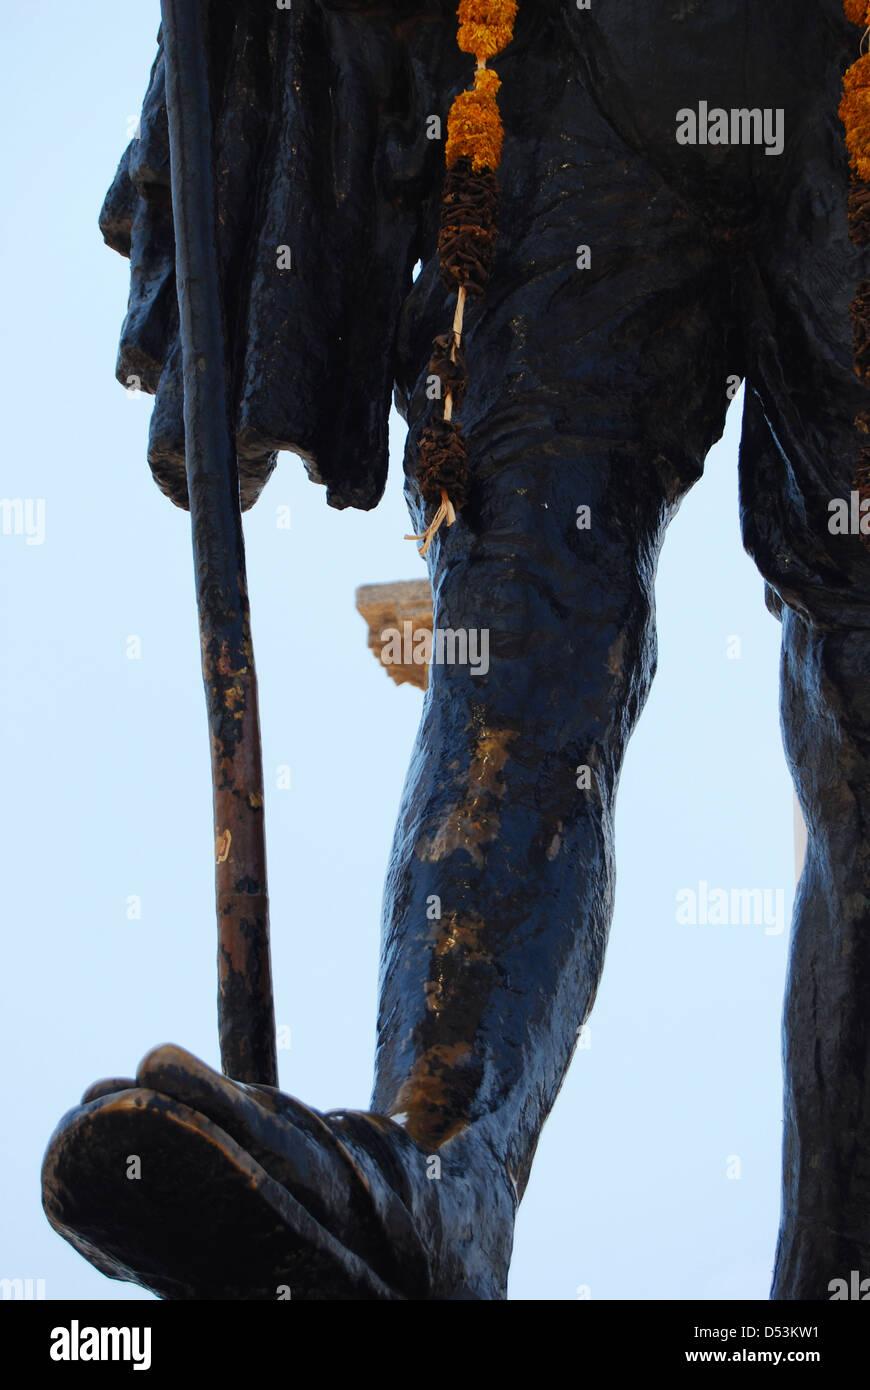 Dettaglio della statua del Mahatma Gandhi Puducherry Pondicherry Immagini Stock